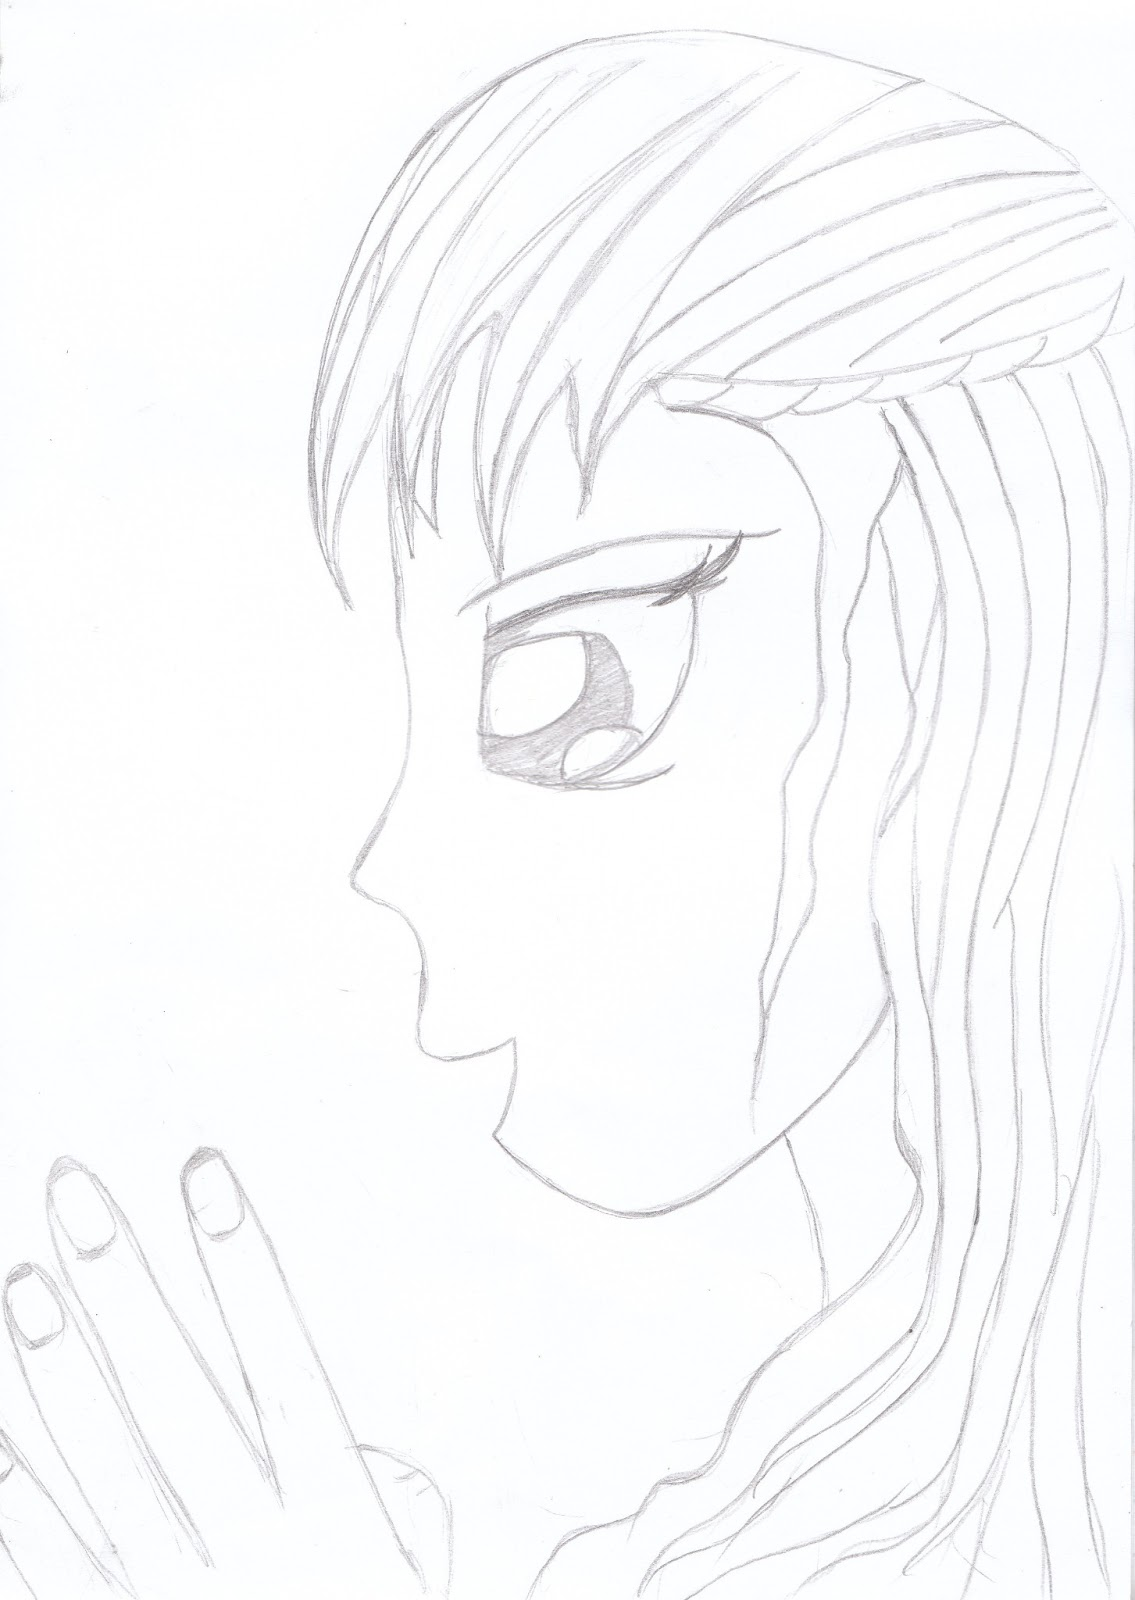 Gambar Sketsa Wajah Wanita Dari Samping